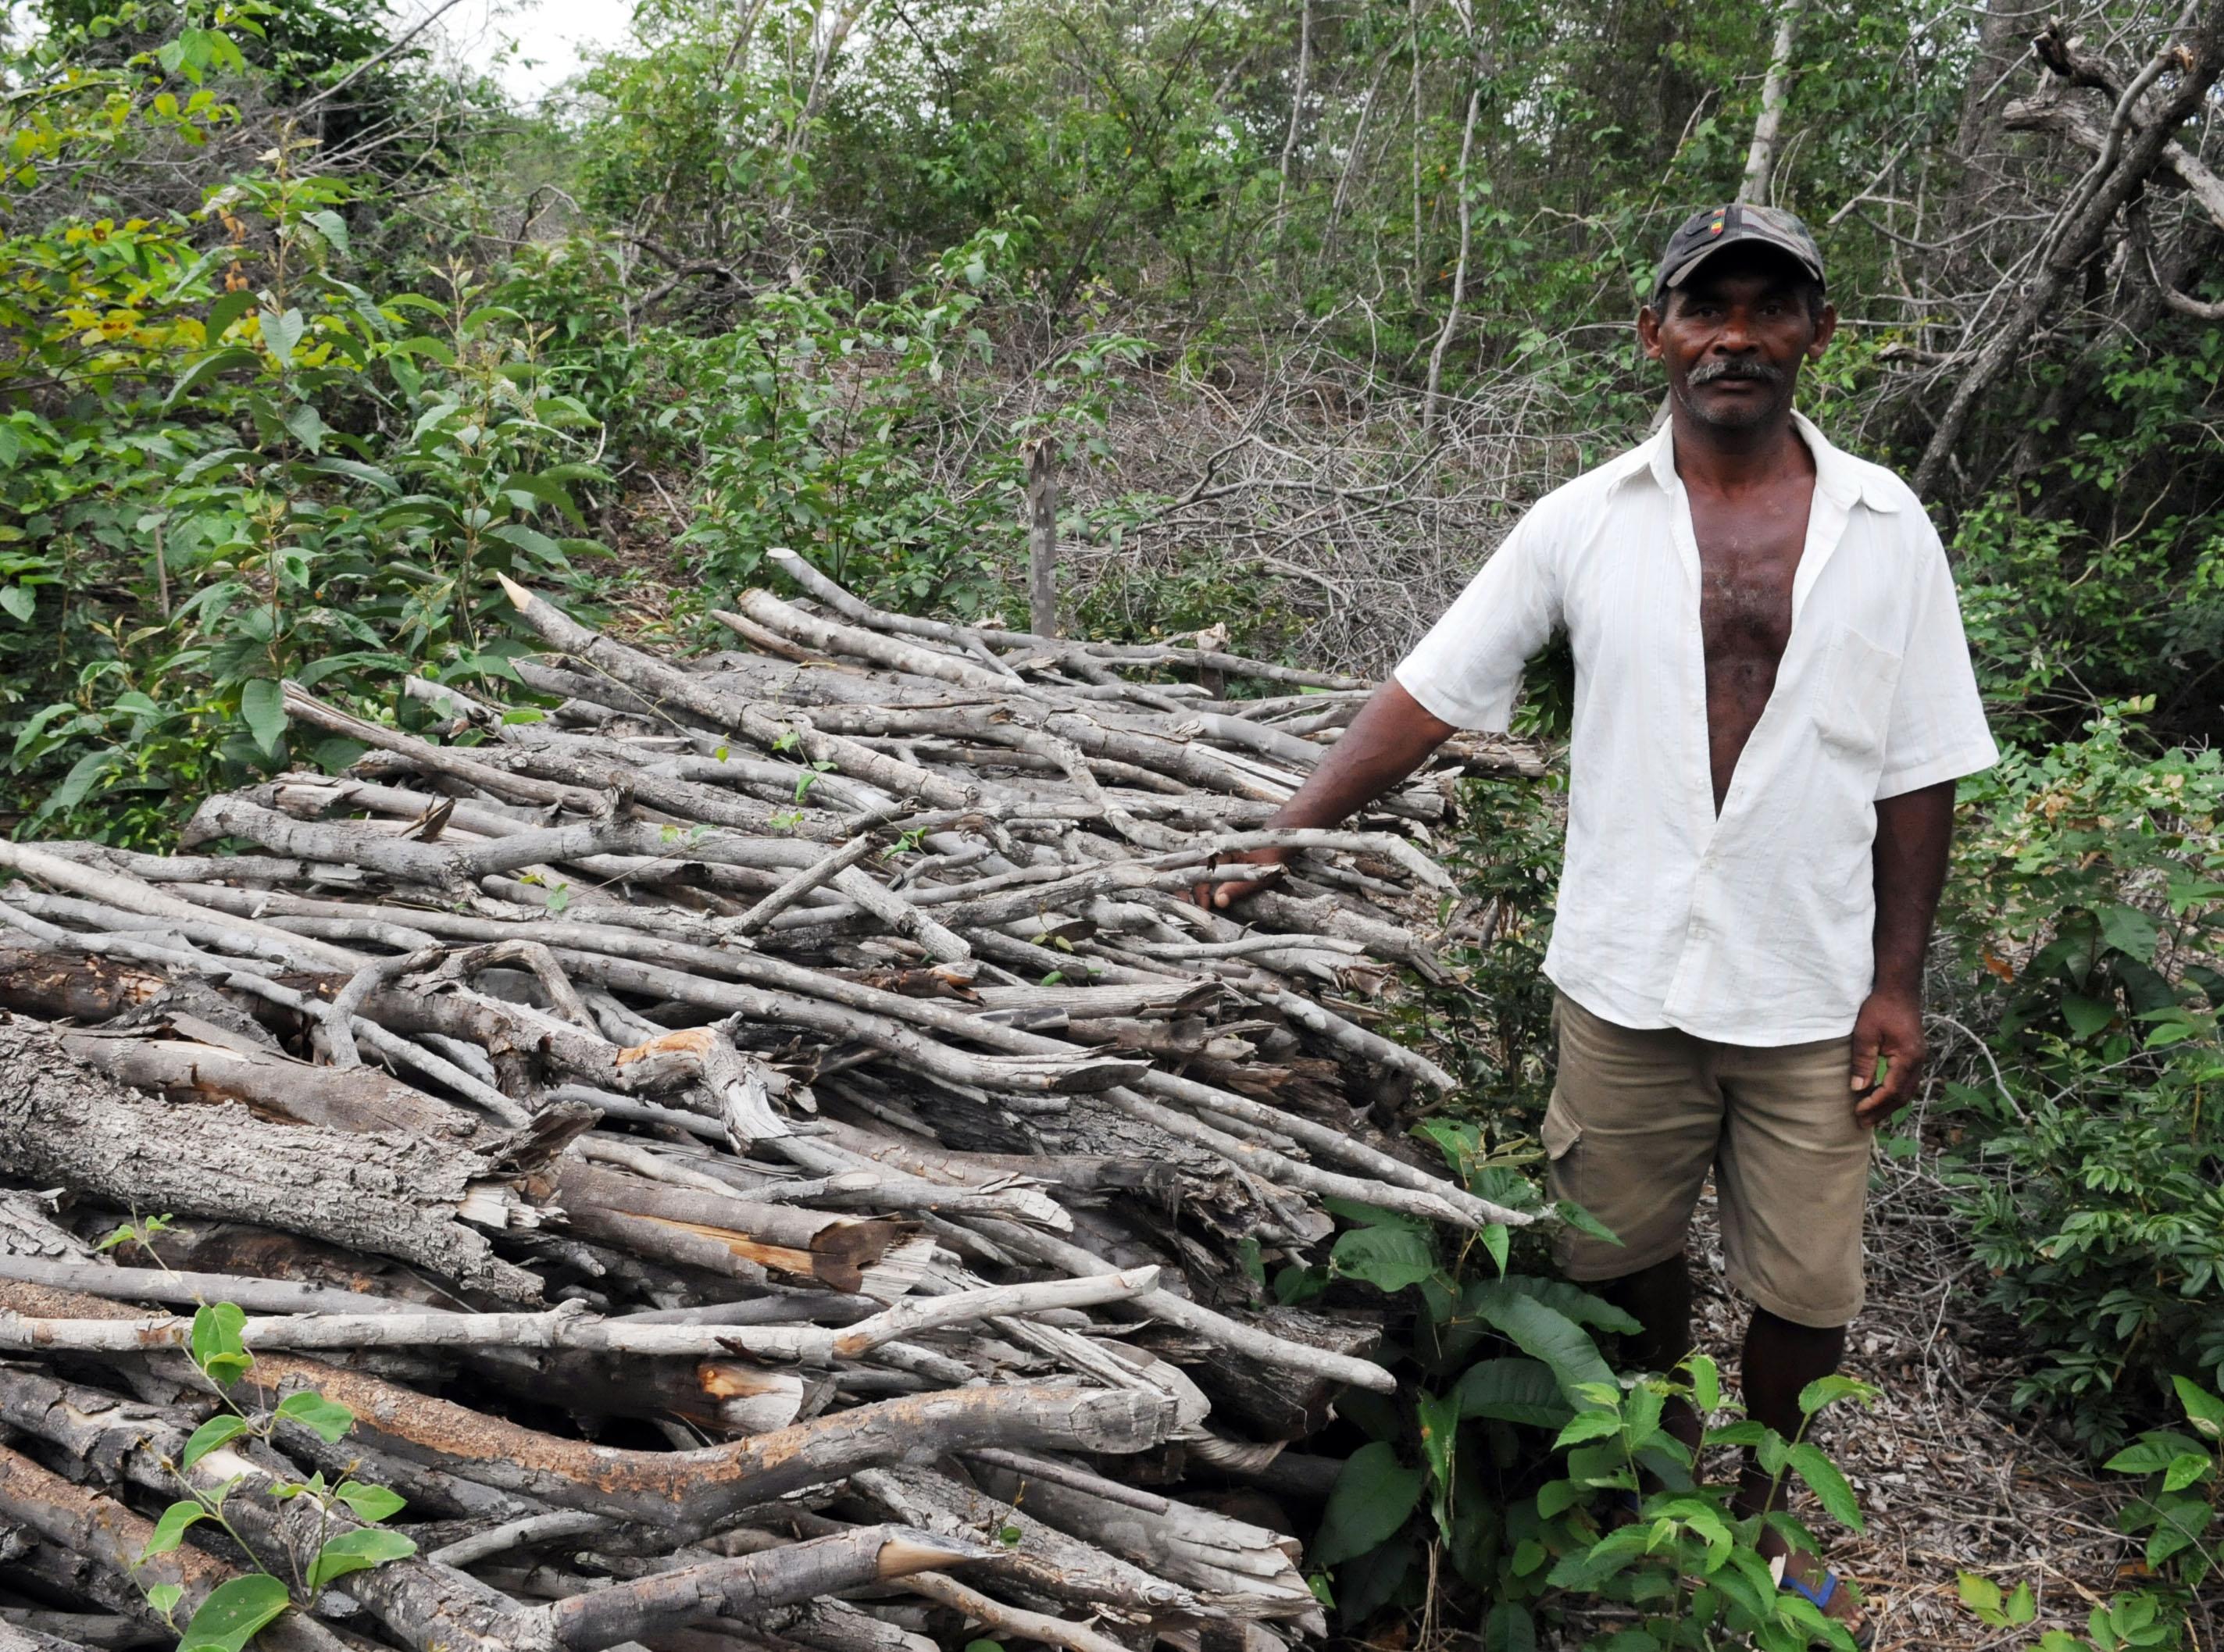 Manejo florestal melhora vida de mil famílias e reduz pressão de desmatamento no semiárido